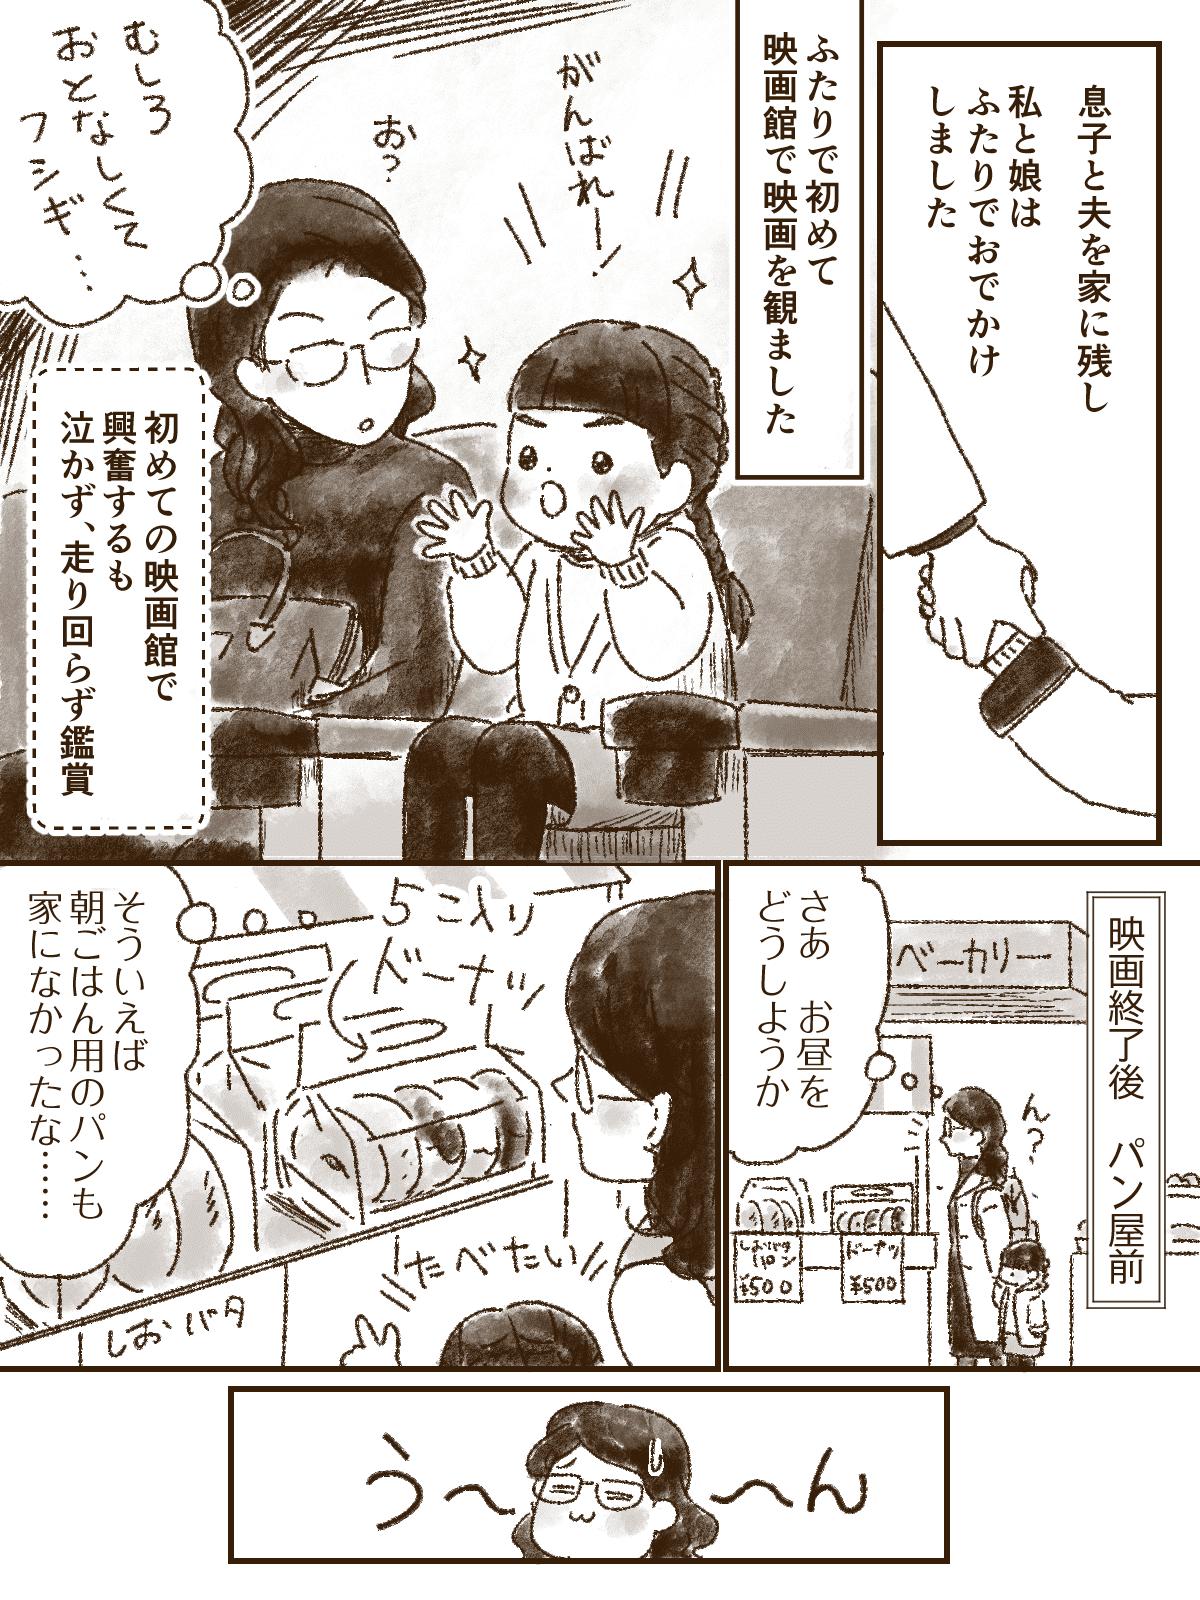 小さな子供とパン屋に行くということ_002